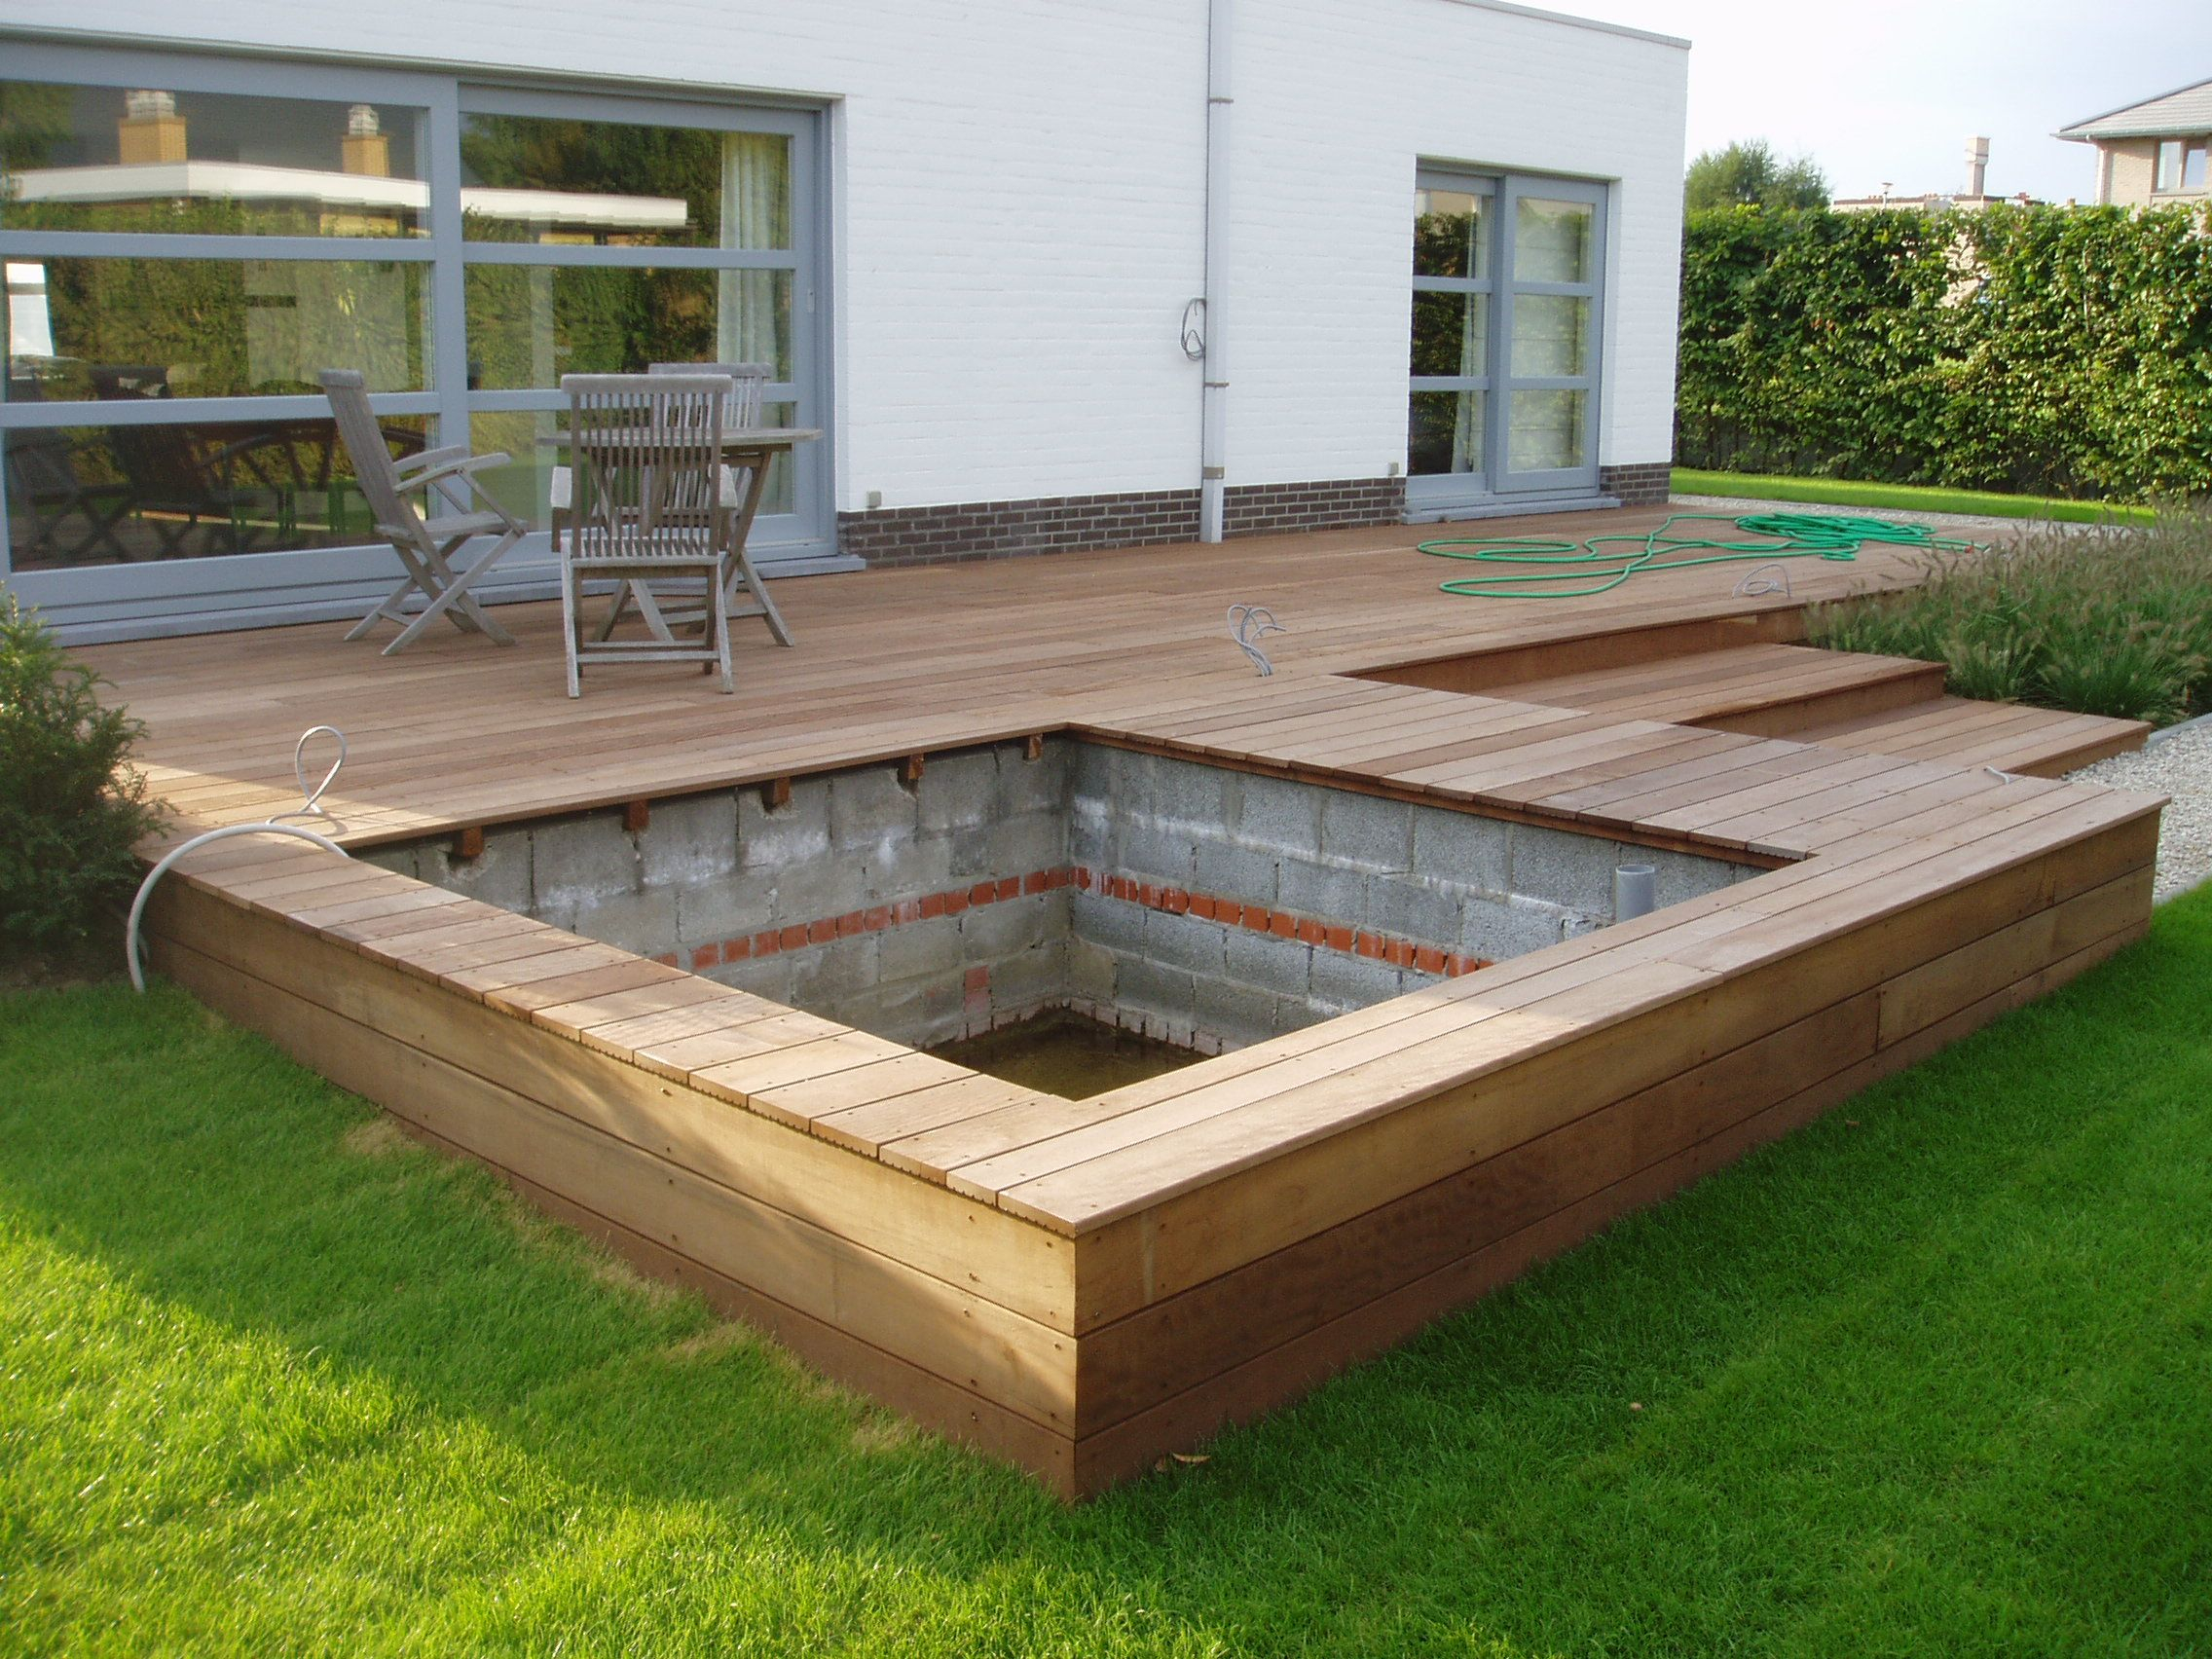 Piscine Tubulaire Terrasse Bois amenagement piscine bois bassin intégré extérieur jardin en